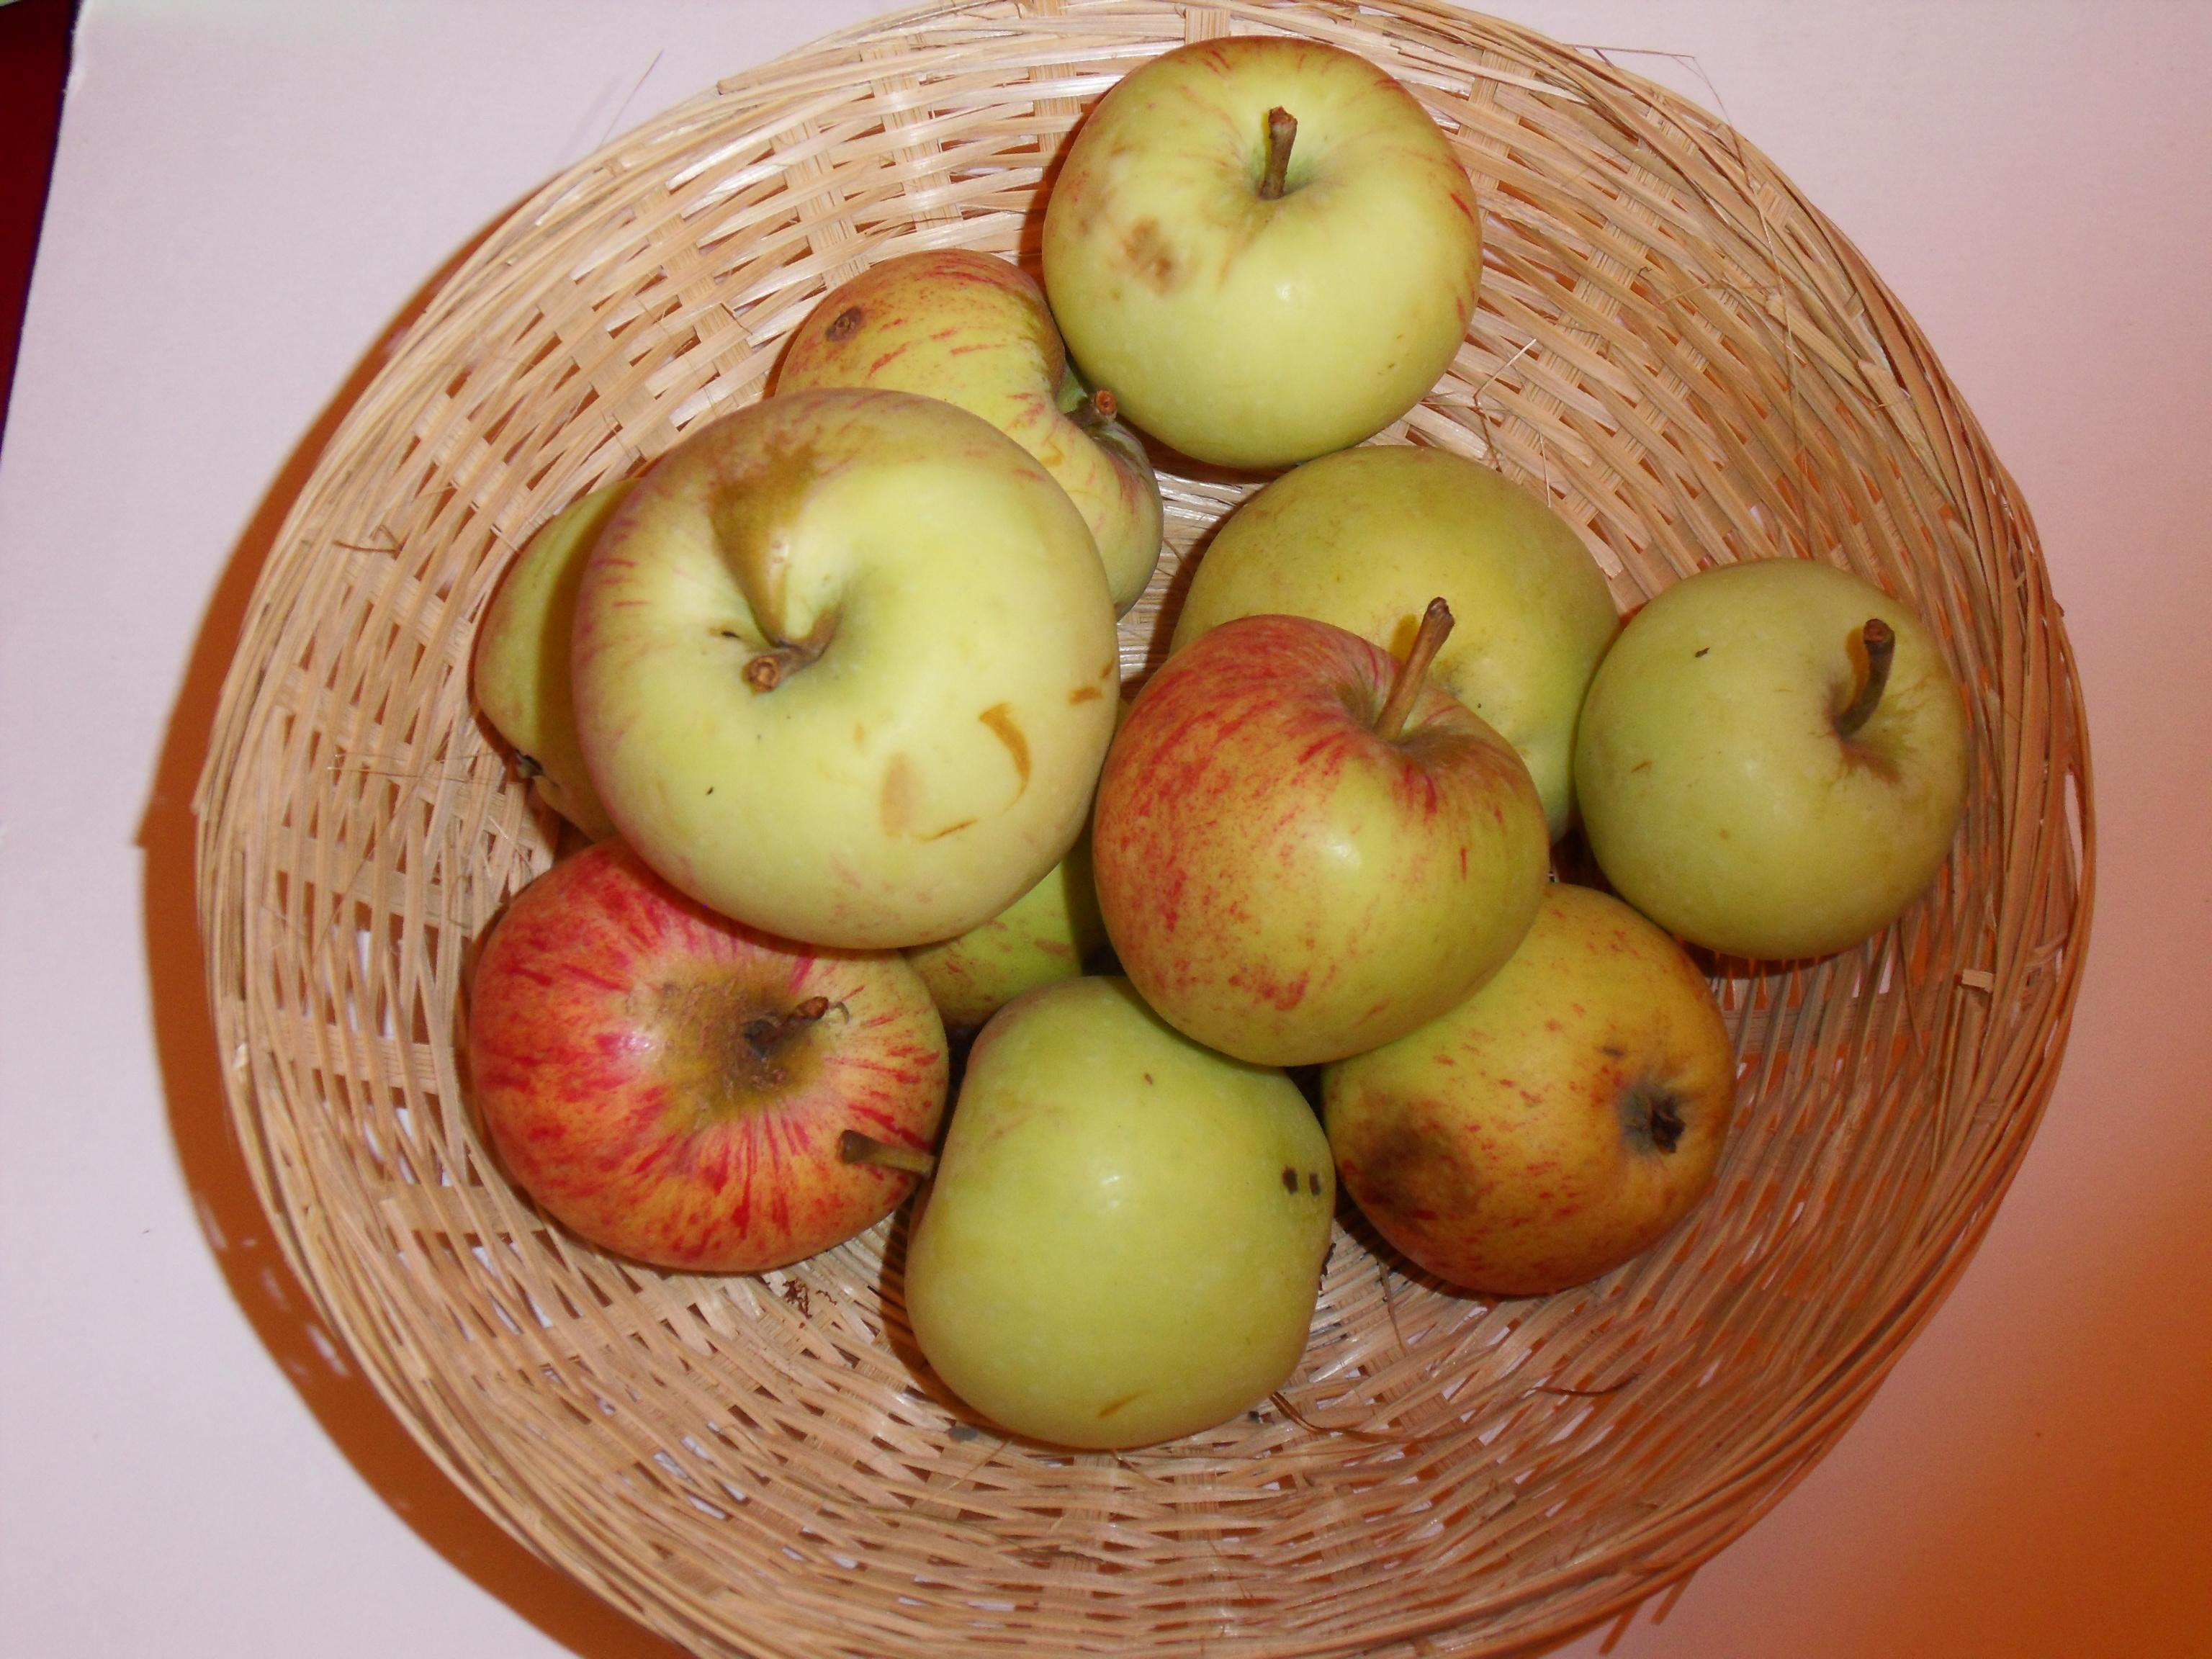 Transparente de Bois Guillaume 1 (fruit).